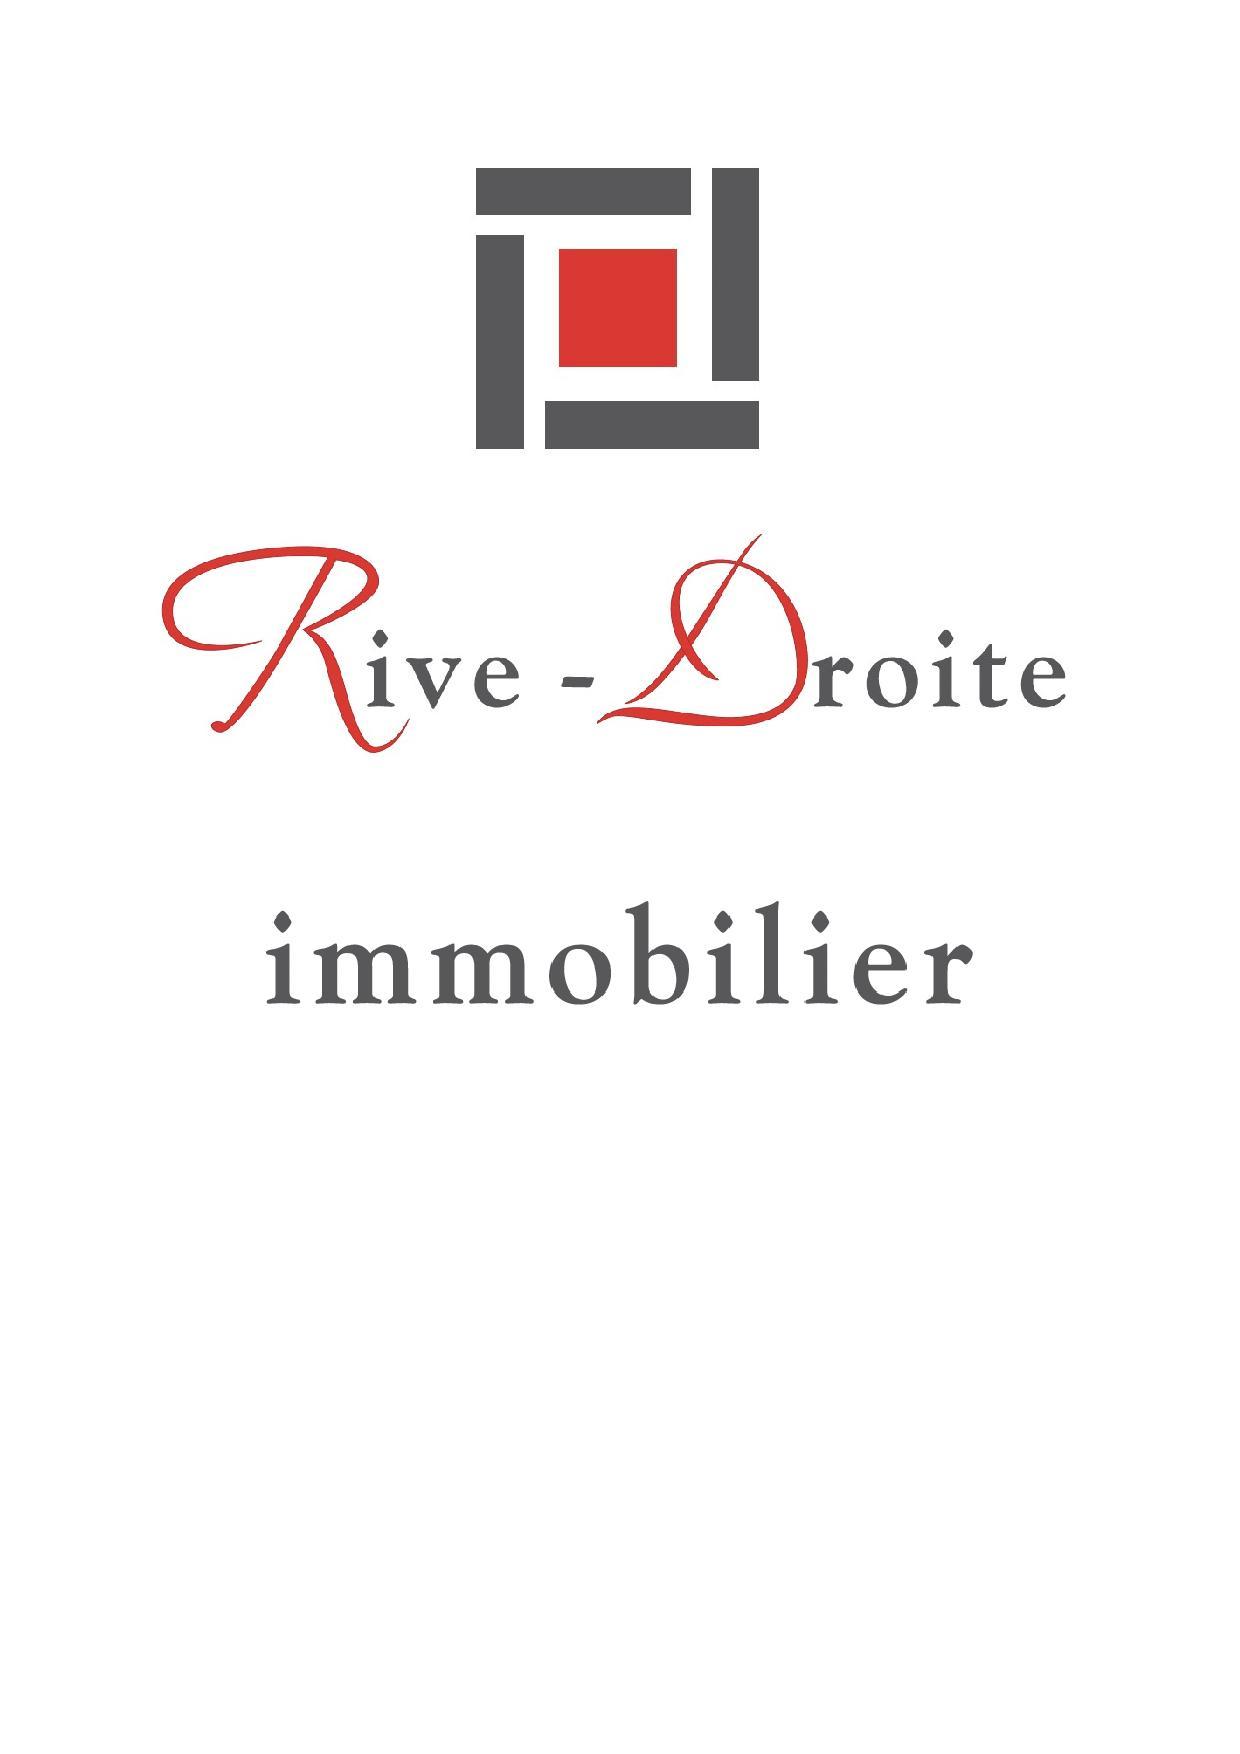 Rive-Droite Immobilier agence immobilière Le Tourne (33550)